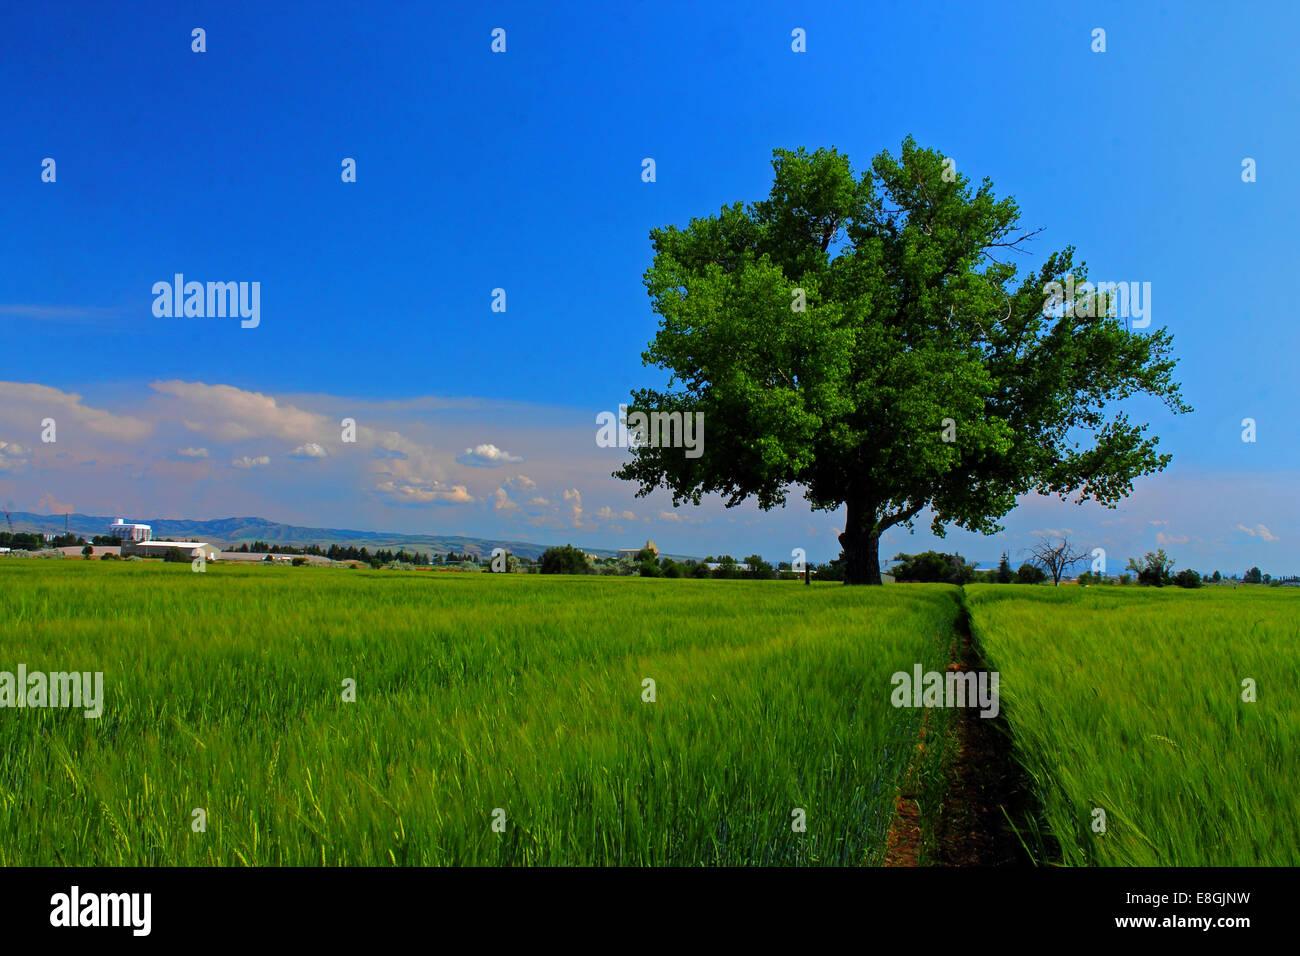 USA, Idaho, Bonneville County, Idaho Falls, Tree in farmer's field on summer day - Stock Image